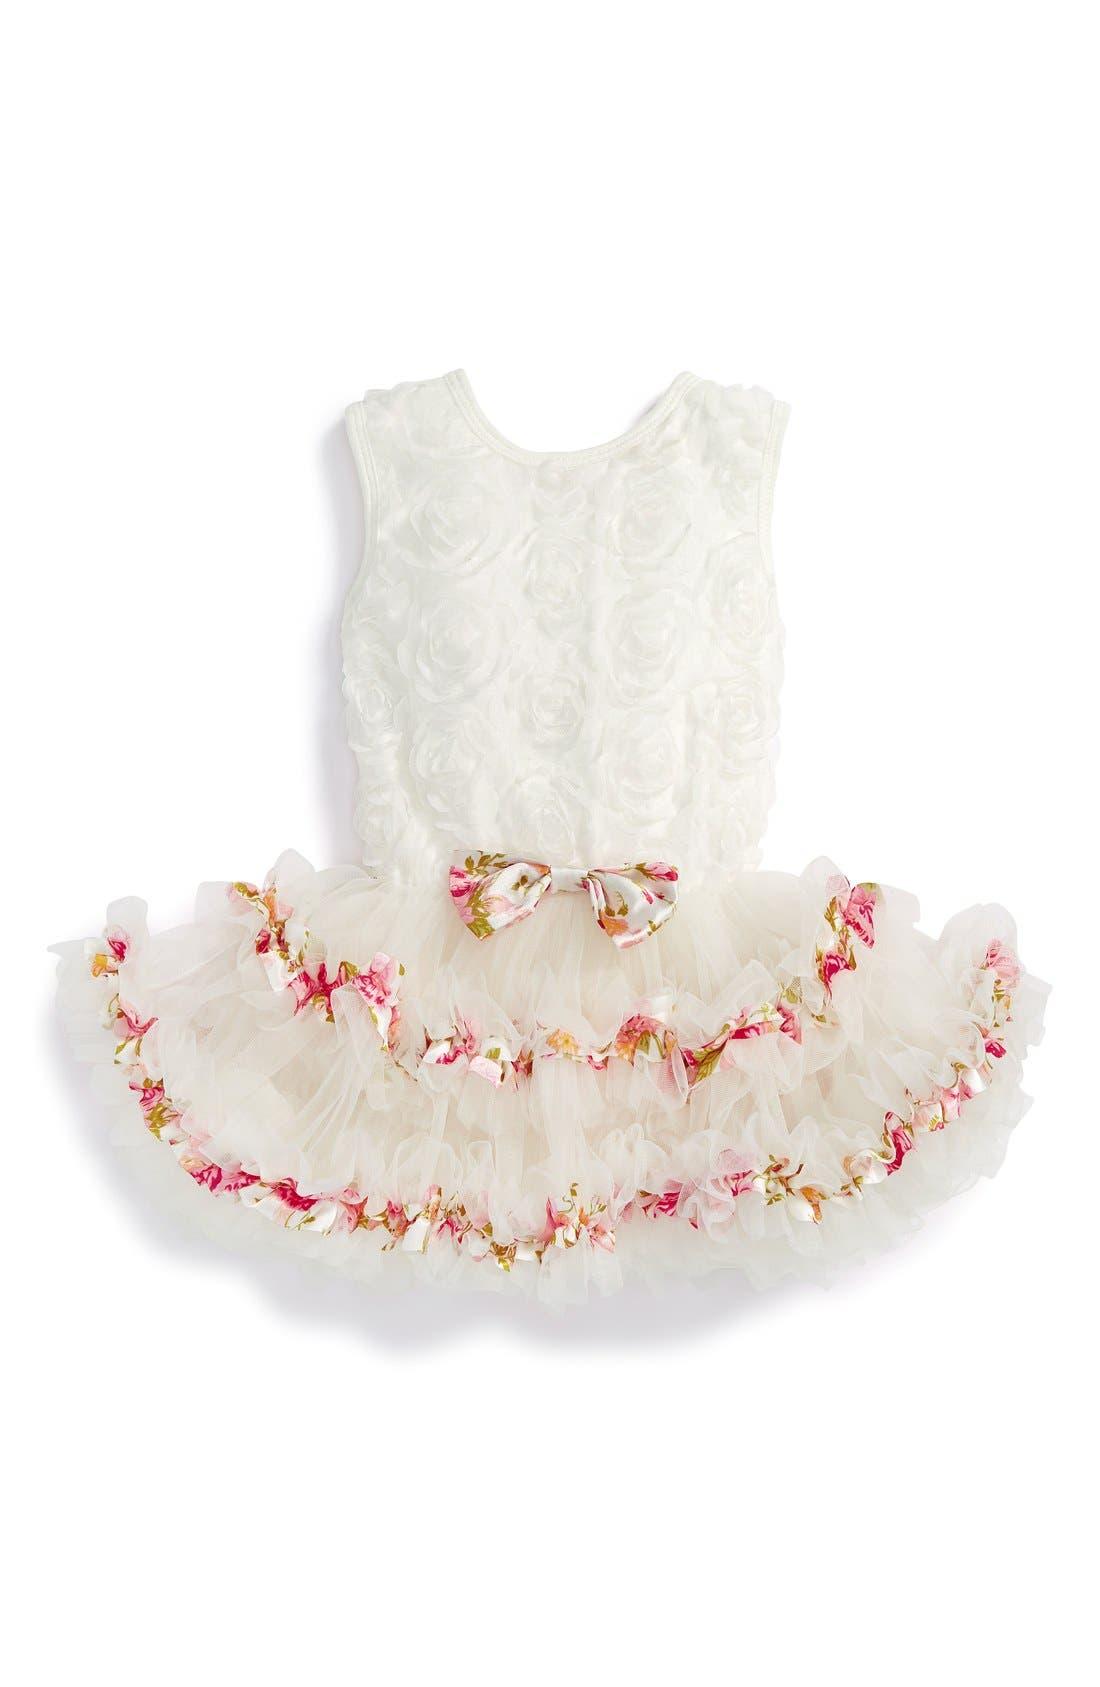 Ribbon Rosette Tutu Dress,                             Main thumbnail 1, color,                             White